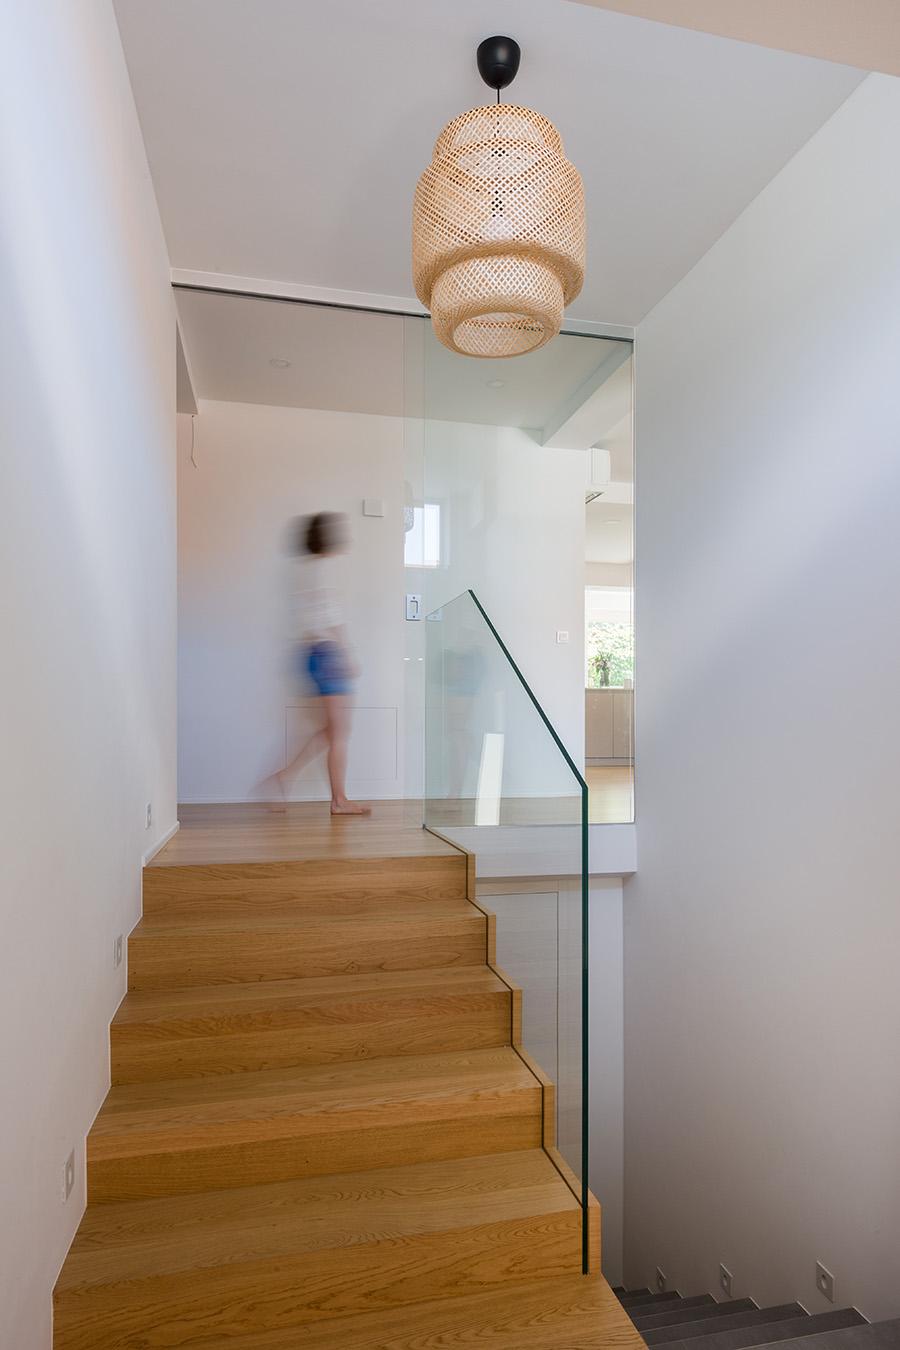 interior-Tina Rugelj_foto-Janez Marolt_H 48_luč-lamp_vhod-entrance_03